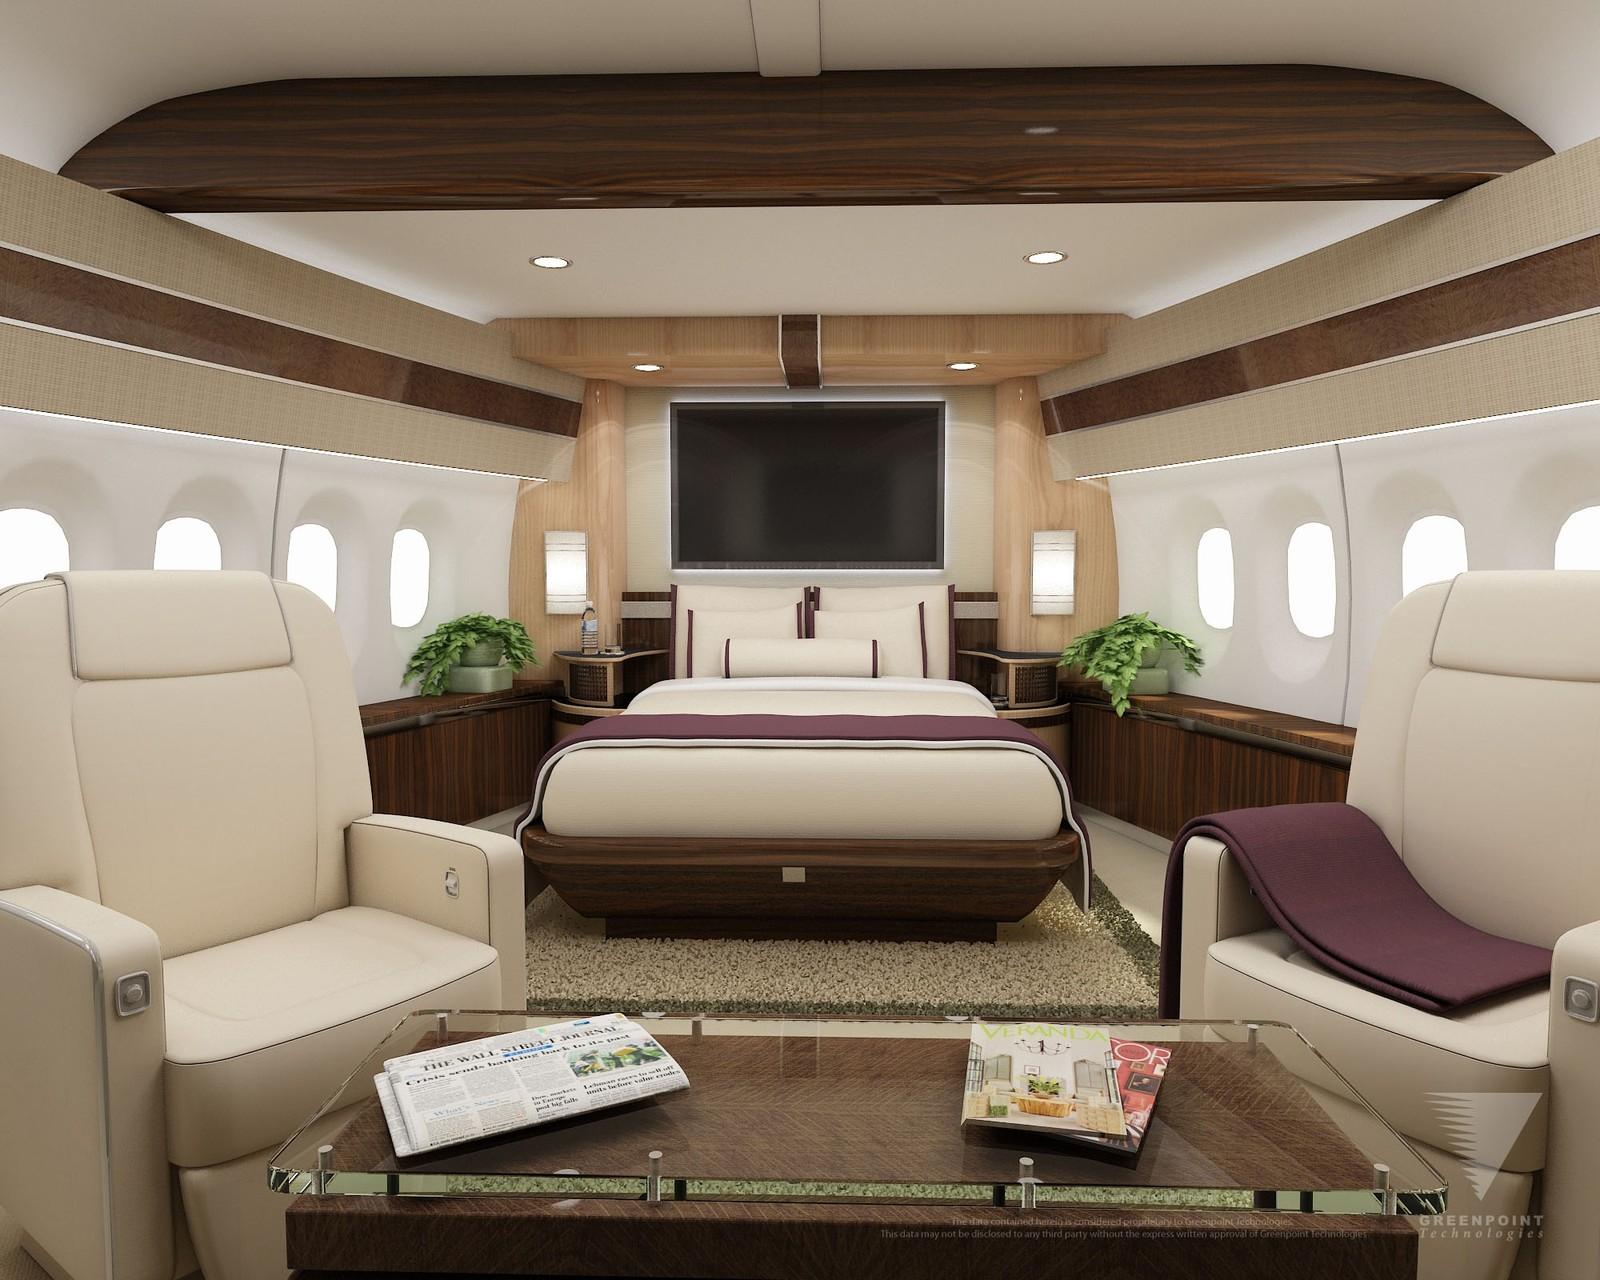 Soverom ombord. Slik fremstilles mulighetene for lususinteriør i flytypen i konseptskisser fra Boeing.